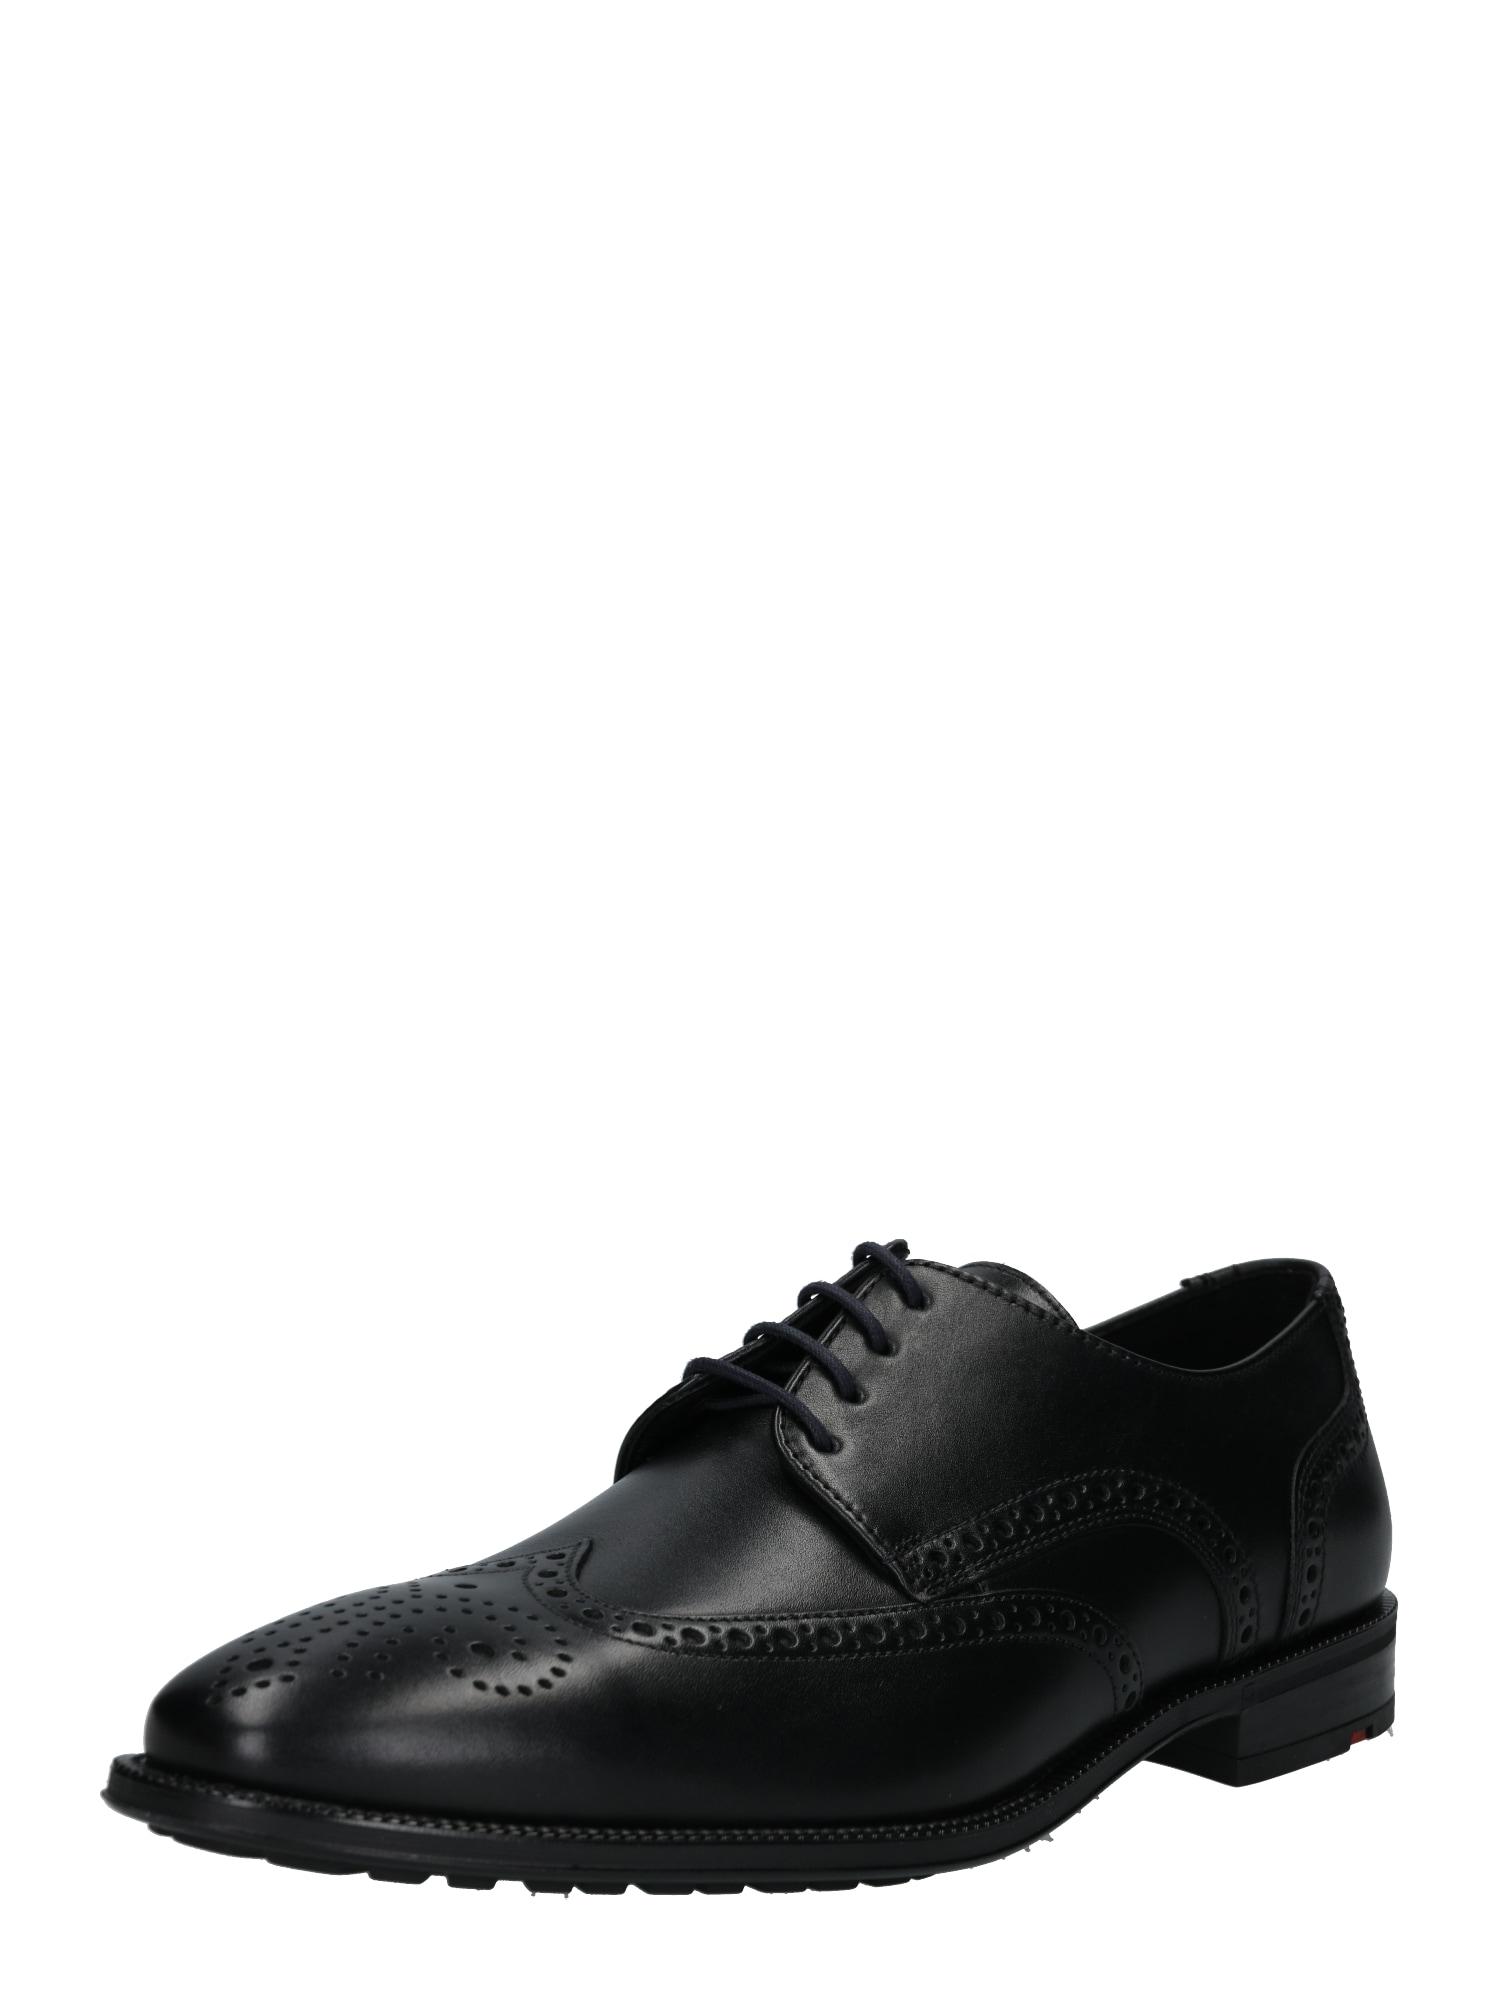 Šněrovací boty Jan černá LLOYD